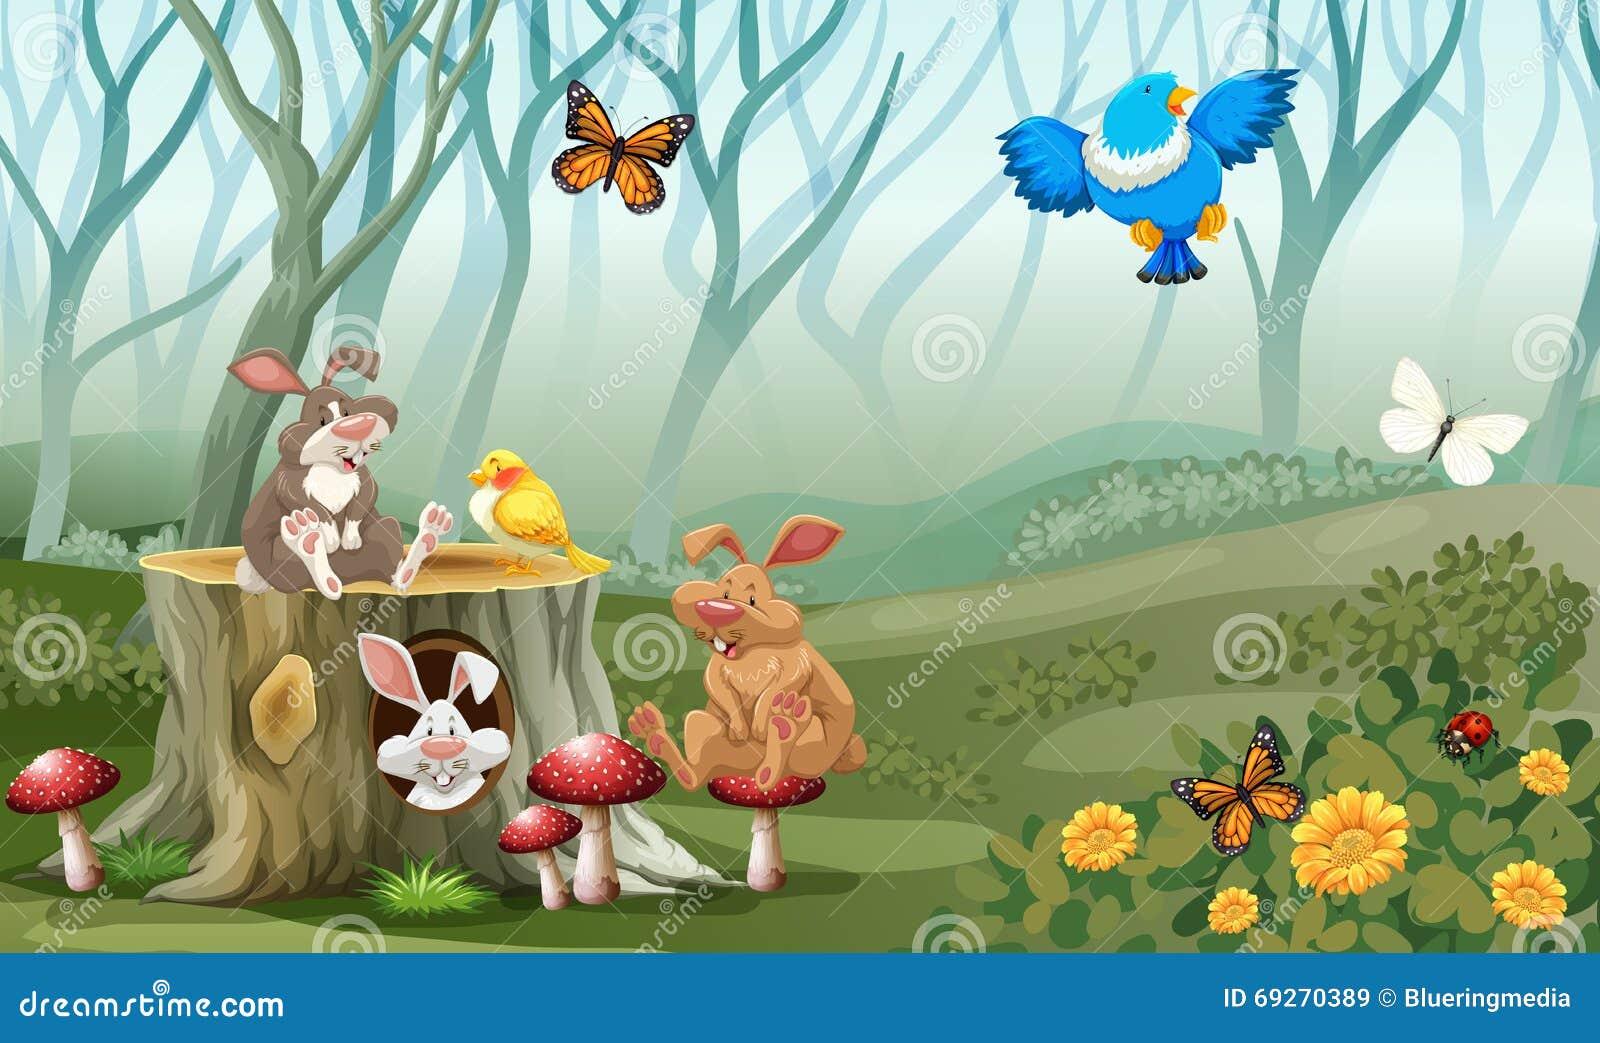 Konijnen en vogels die in het bos leven